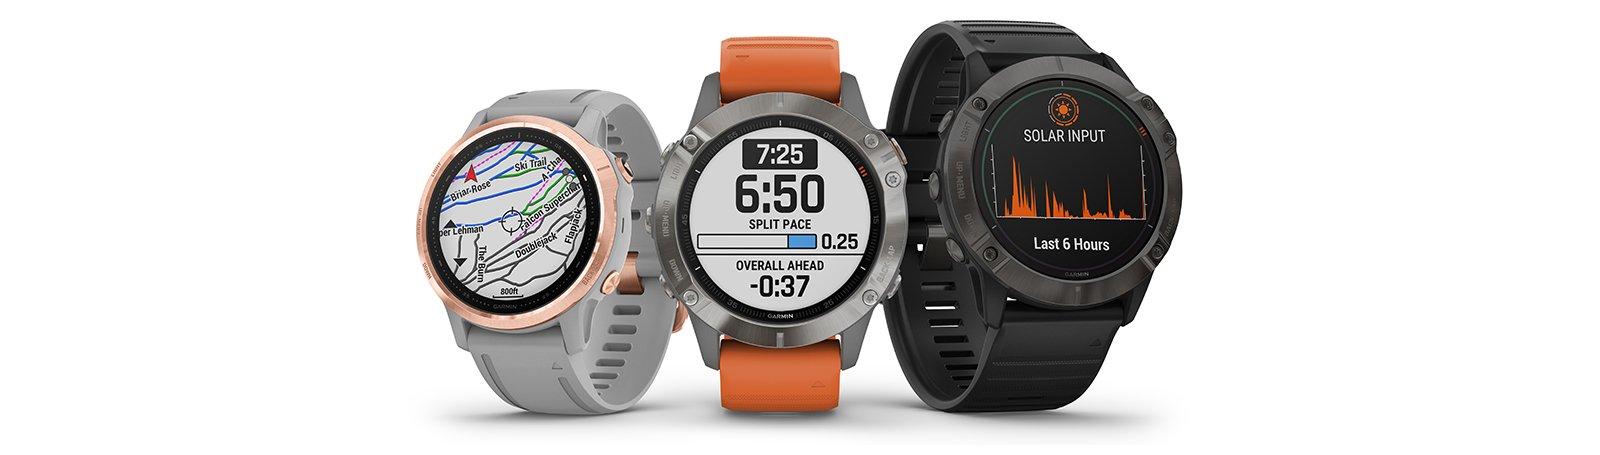 Bėgimo laikrodis Garmin Fenix 6 (11)